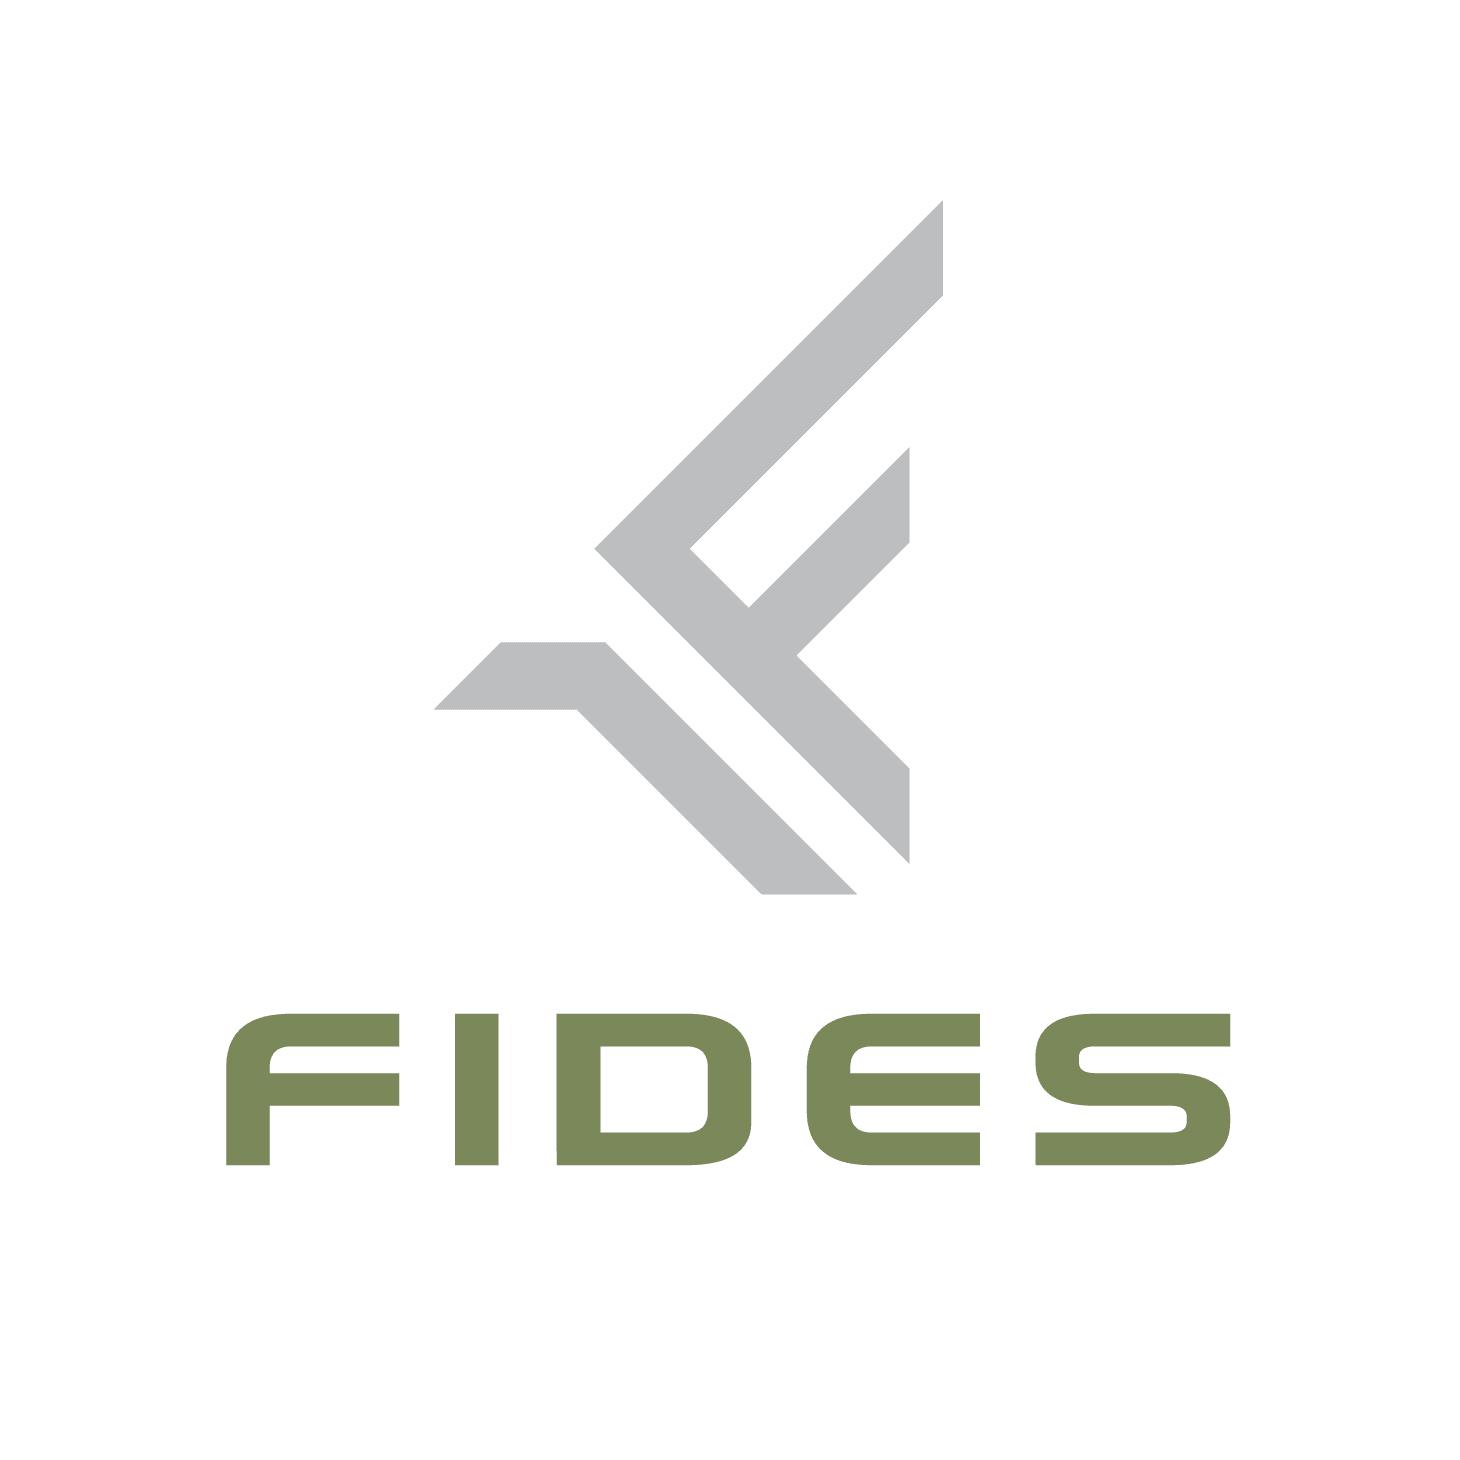 Logos=Branding-08